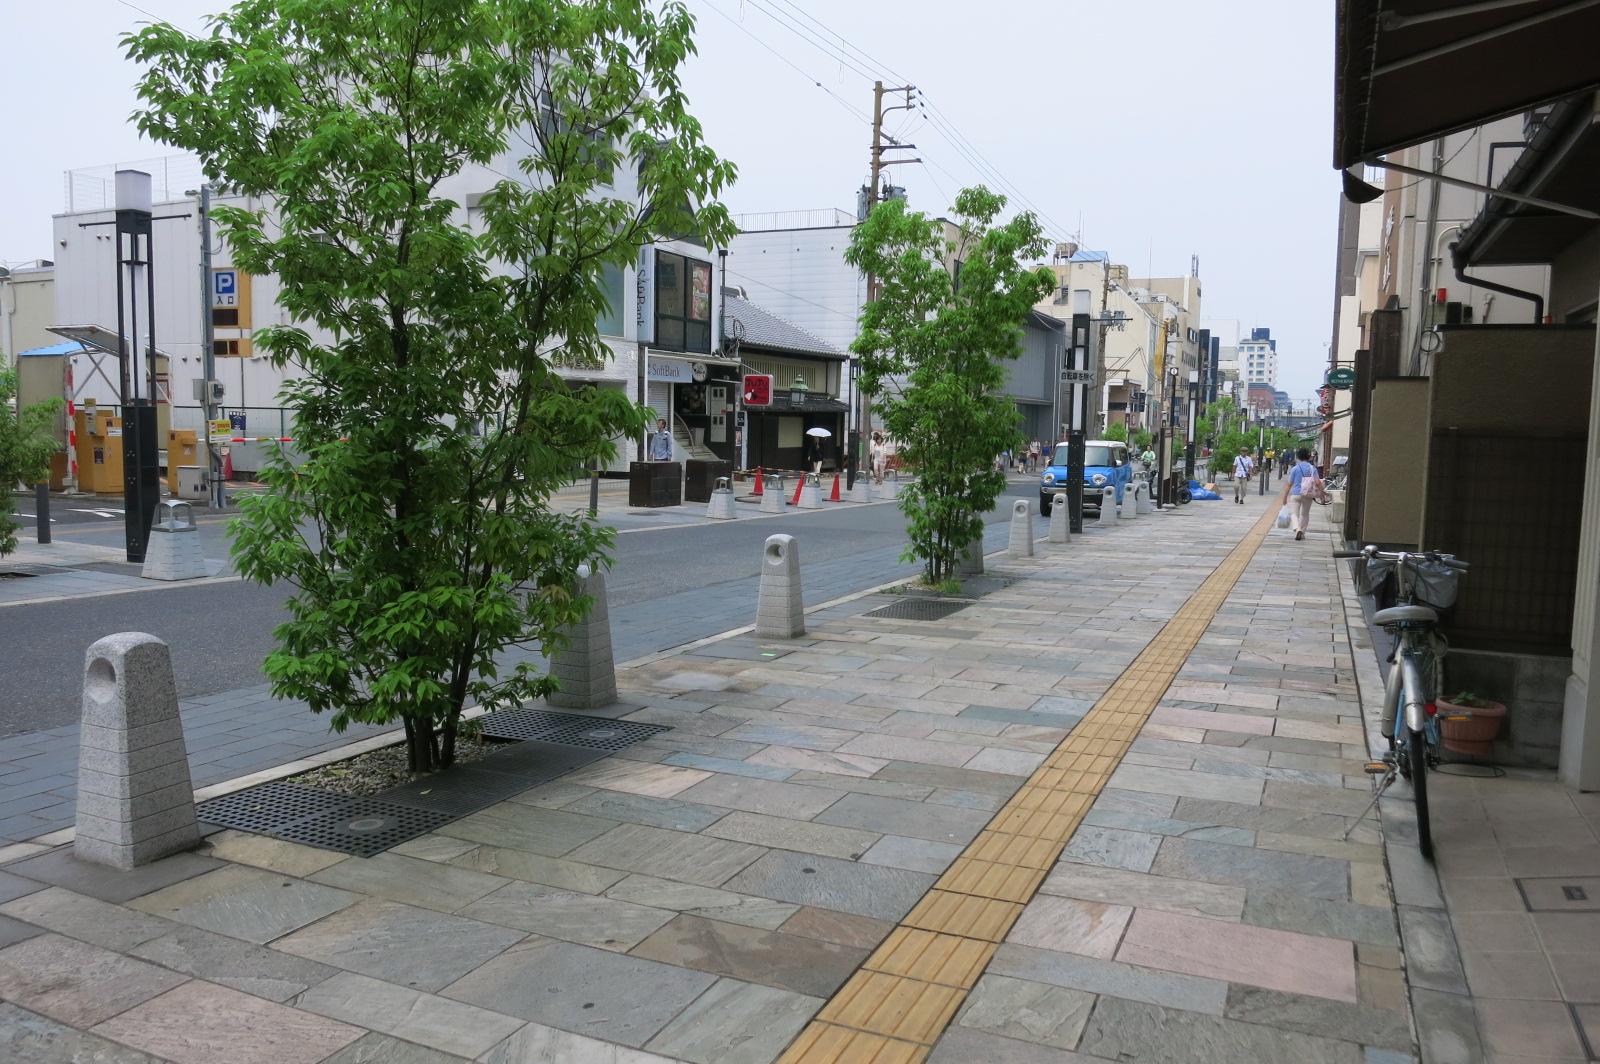 三条通りは、途中から歩道の幅が広くなり、歩きやすくなりました。